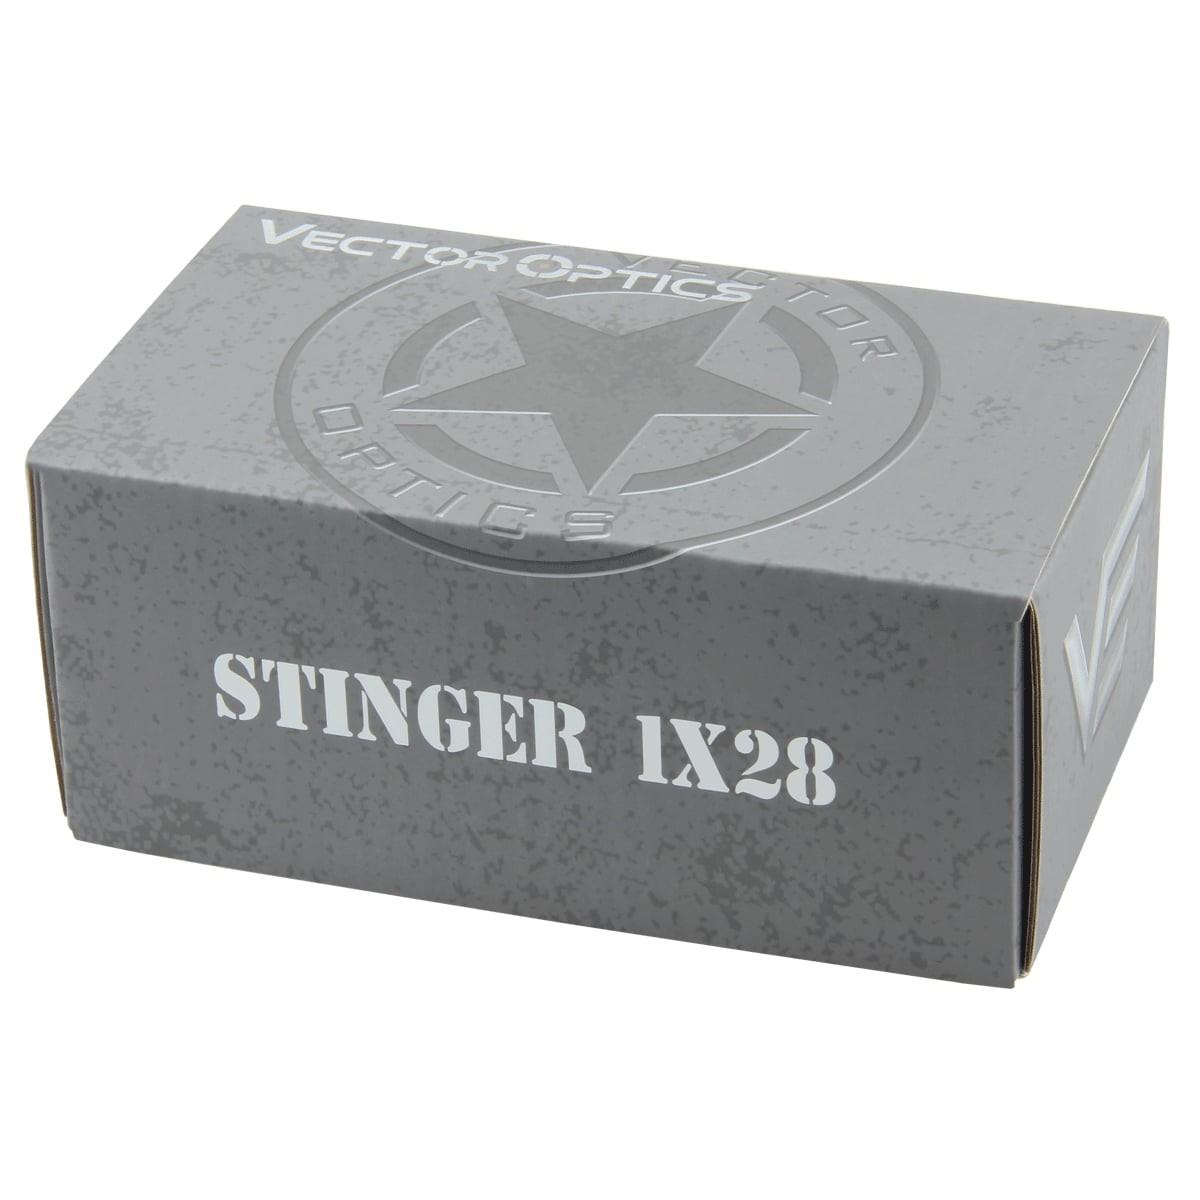 Stinger 1x28 Red Dot Sight